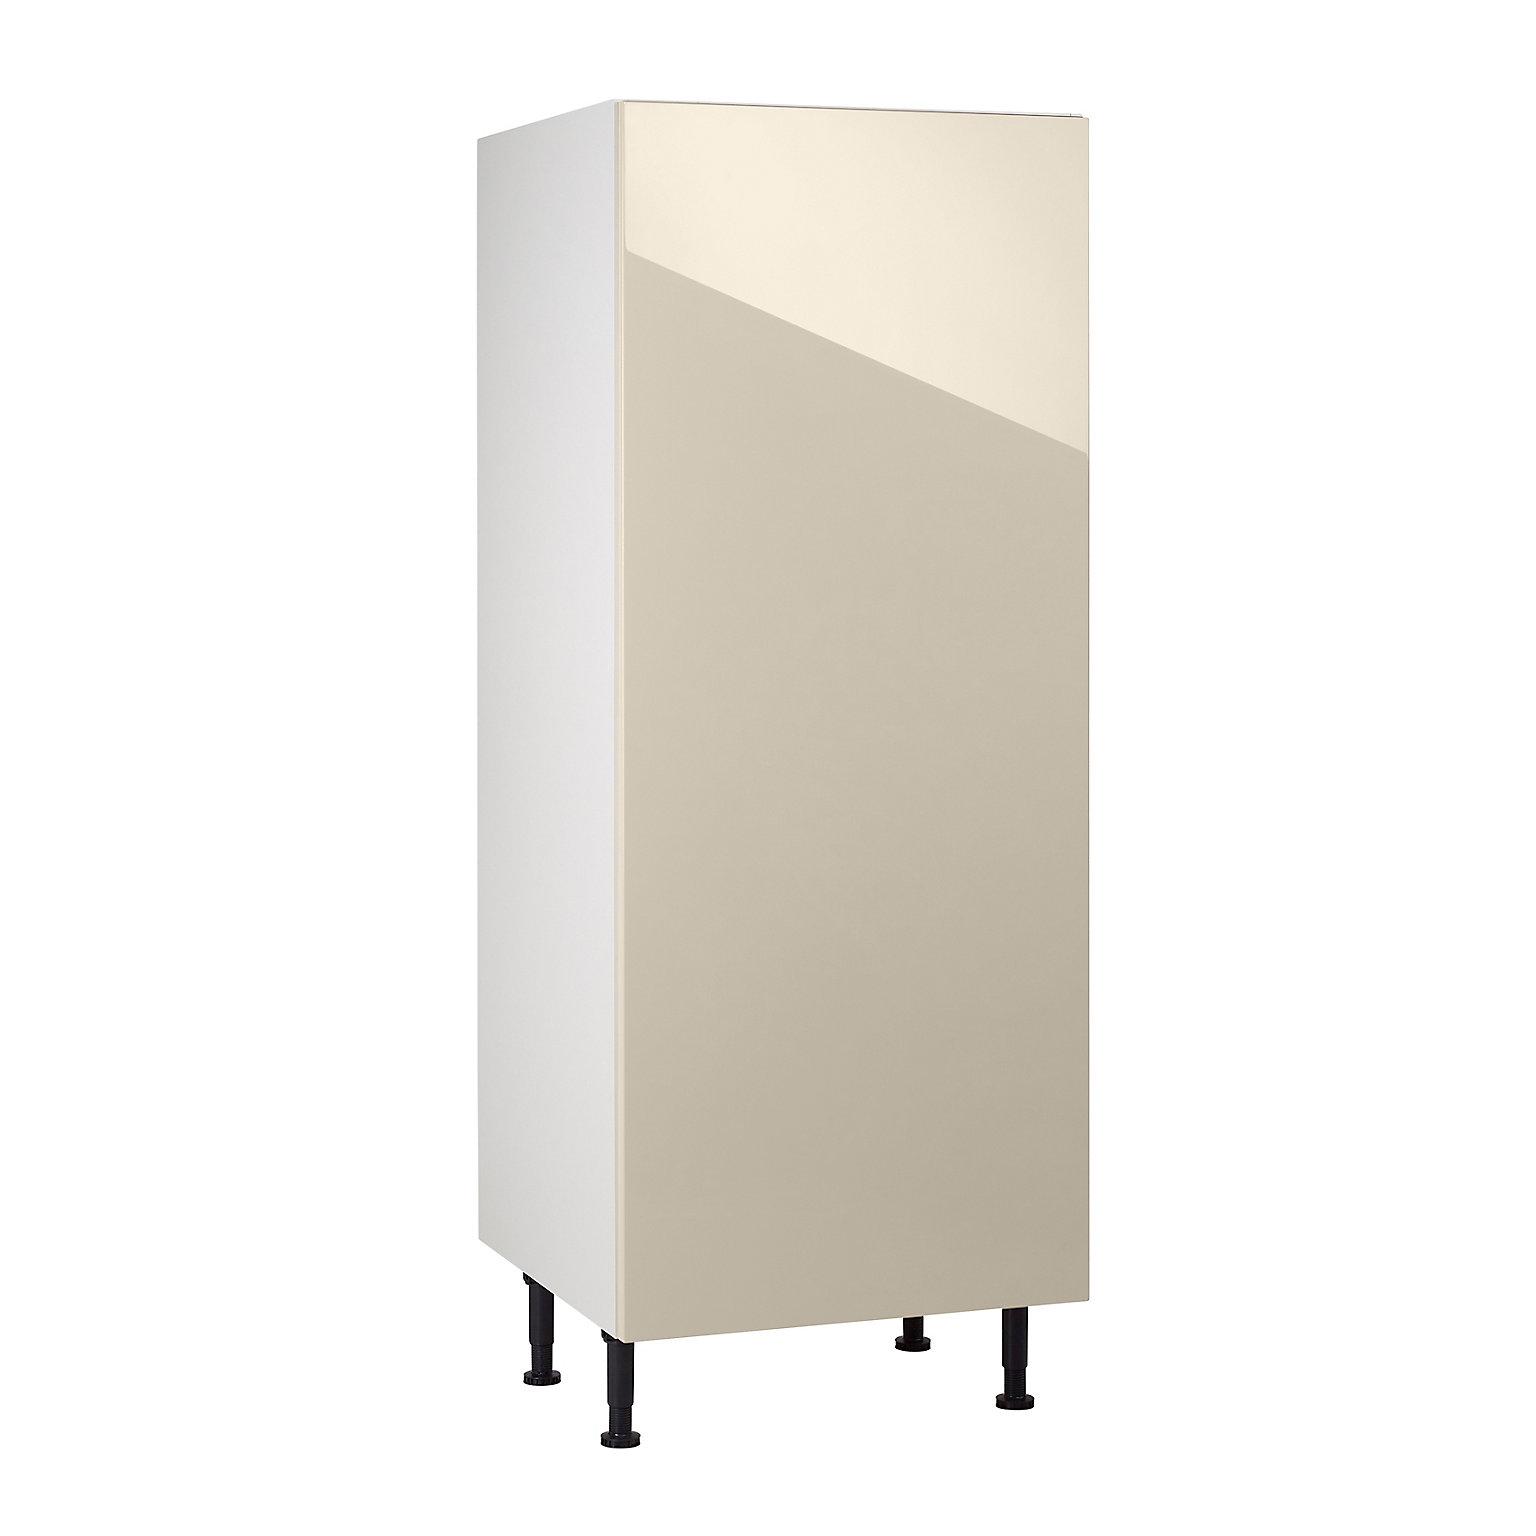 Meuble de cuisine Gossip sable façade porte de réfrigérateur + caisson 15/15  colonne L. 15 cm